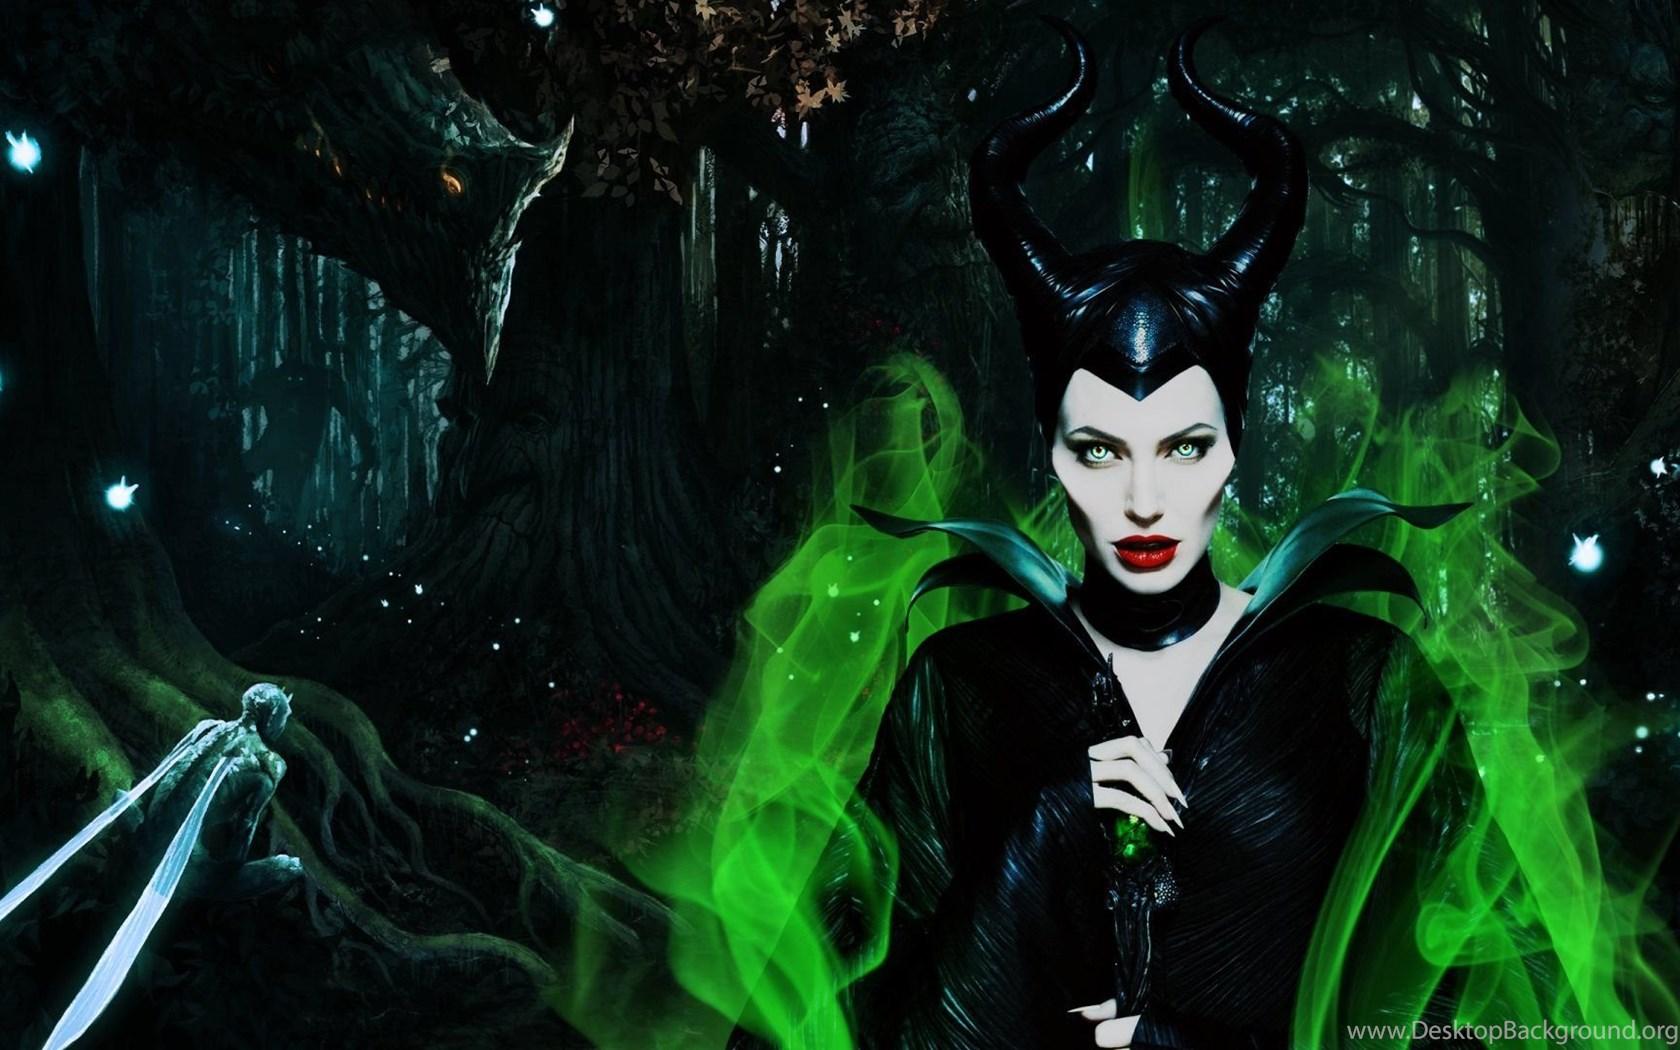 Maleficent Fan Art Wallpapers Hd Wallpapers Desktop